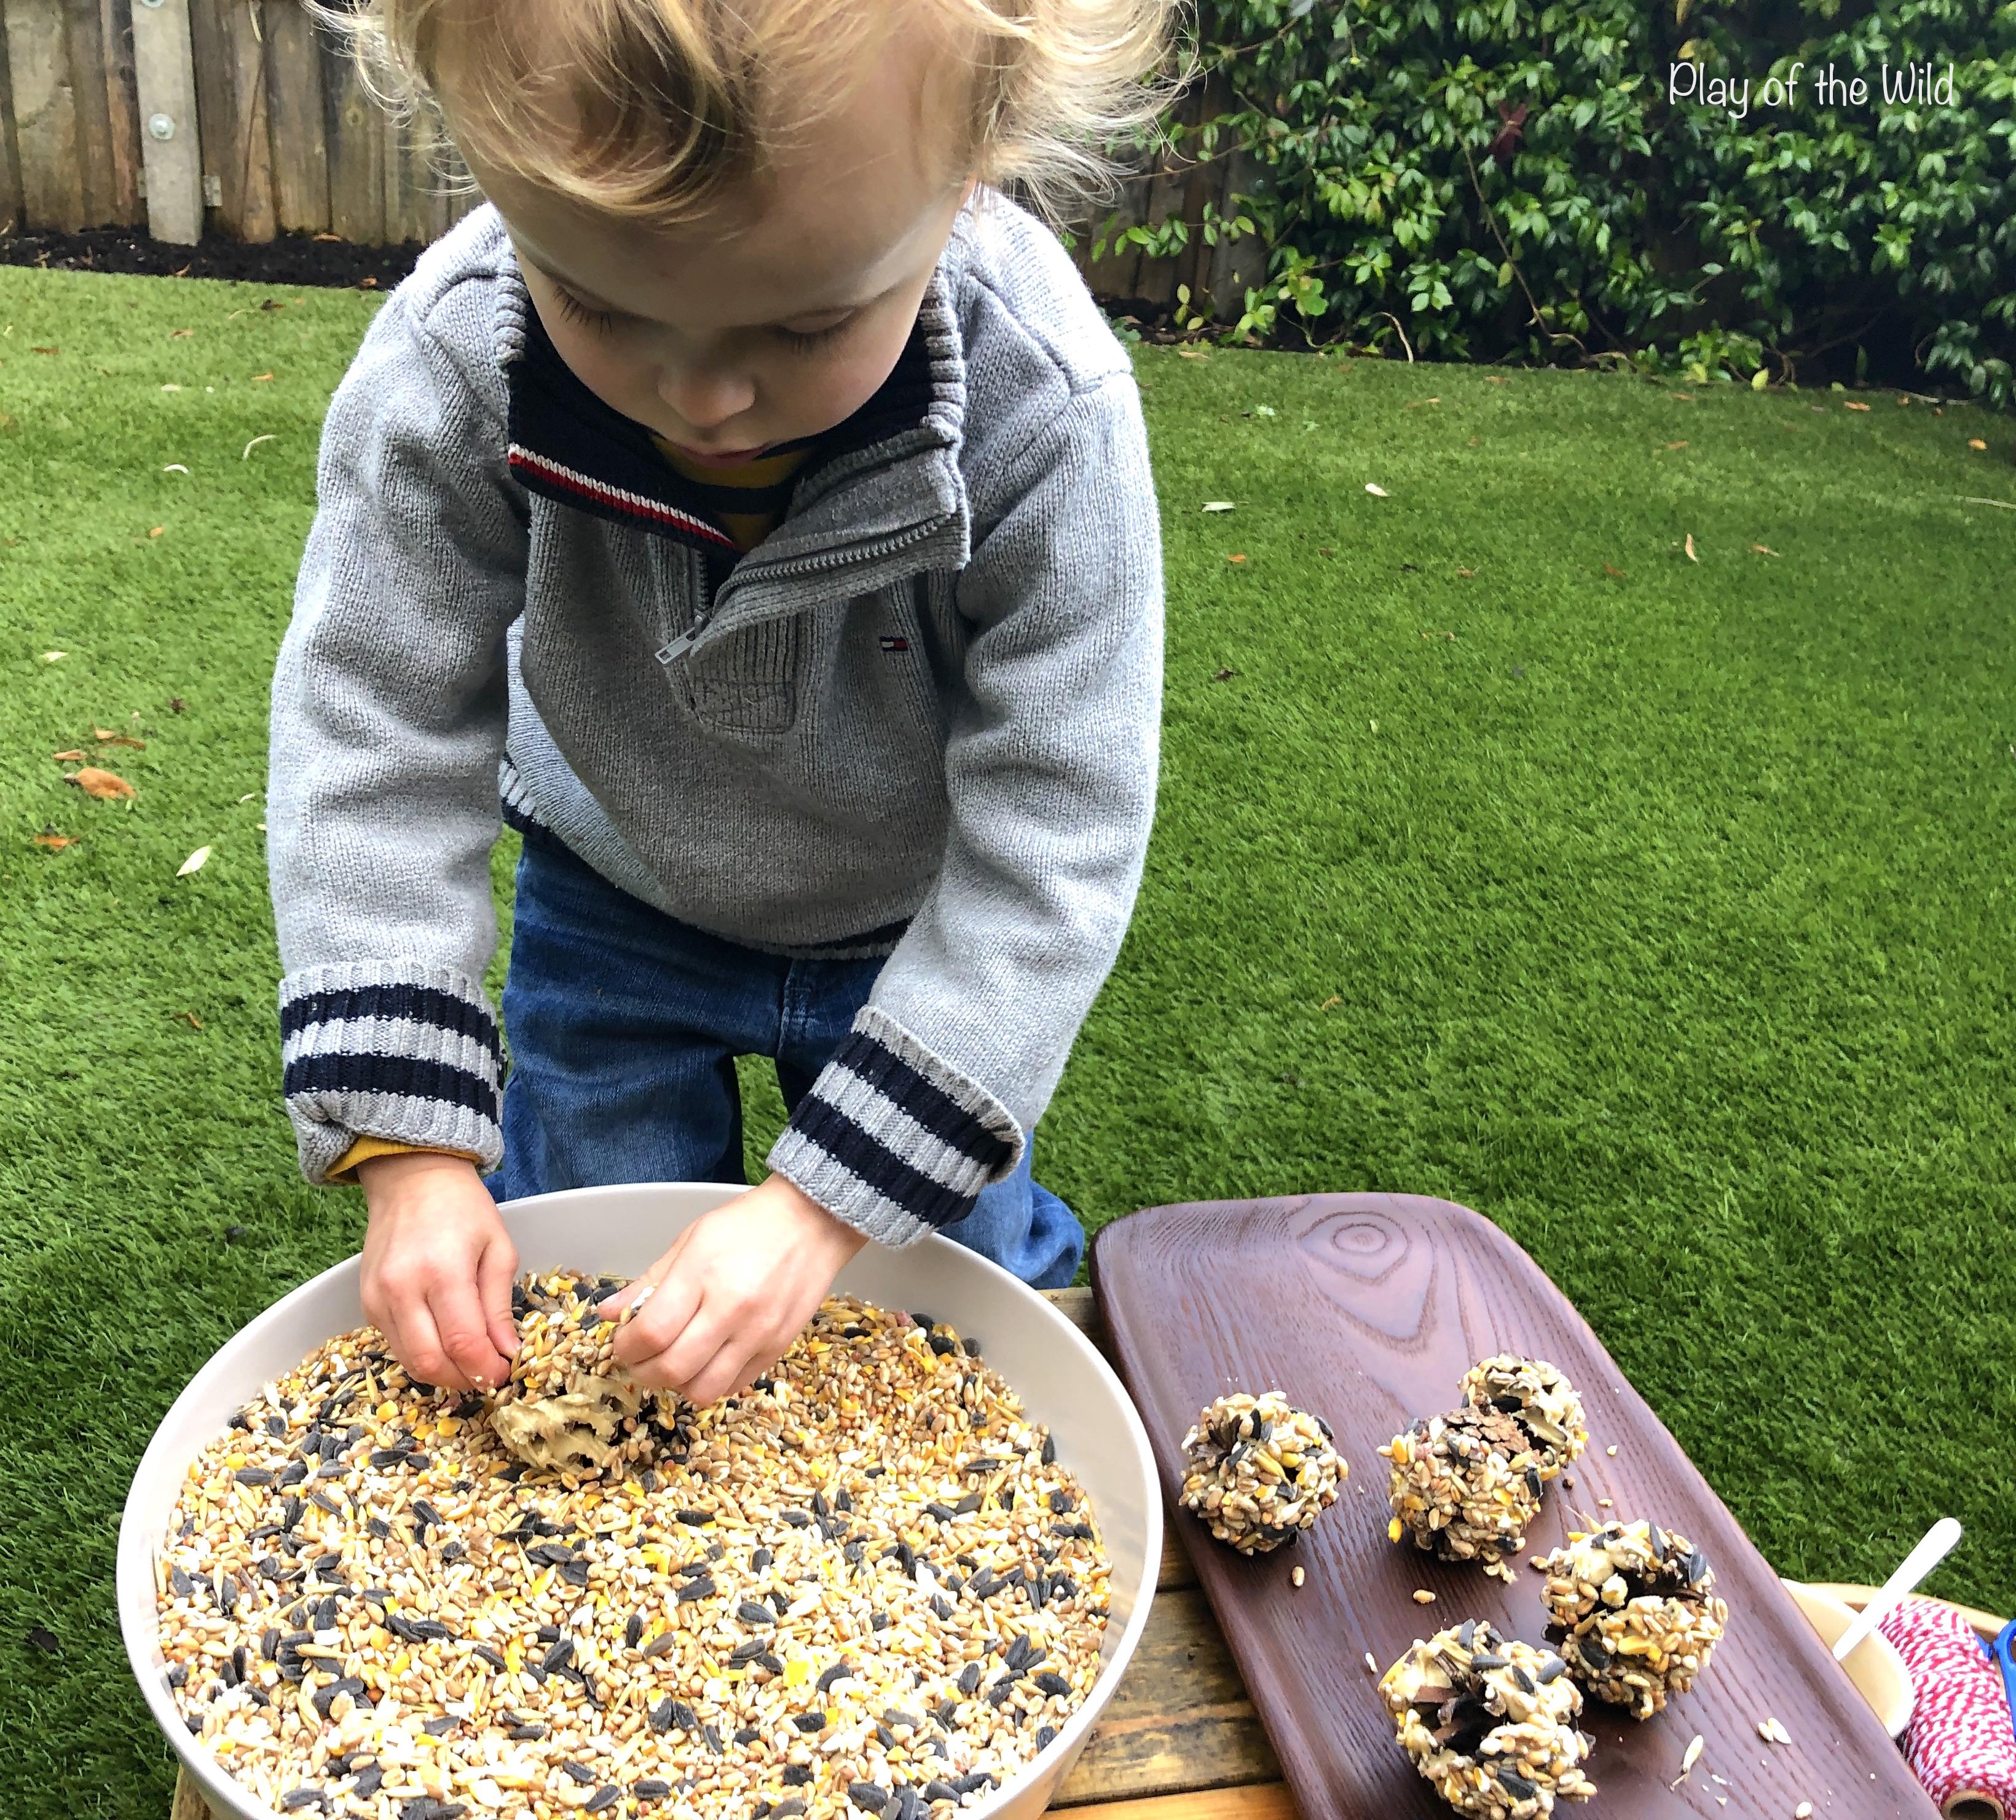 Pinecone Birdfeeders. Outdoor Learning in Preschool